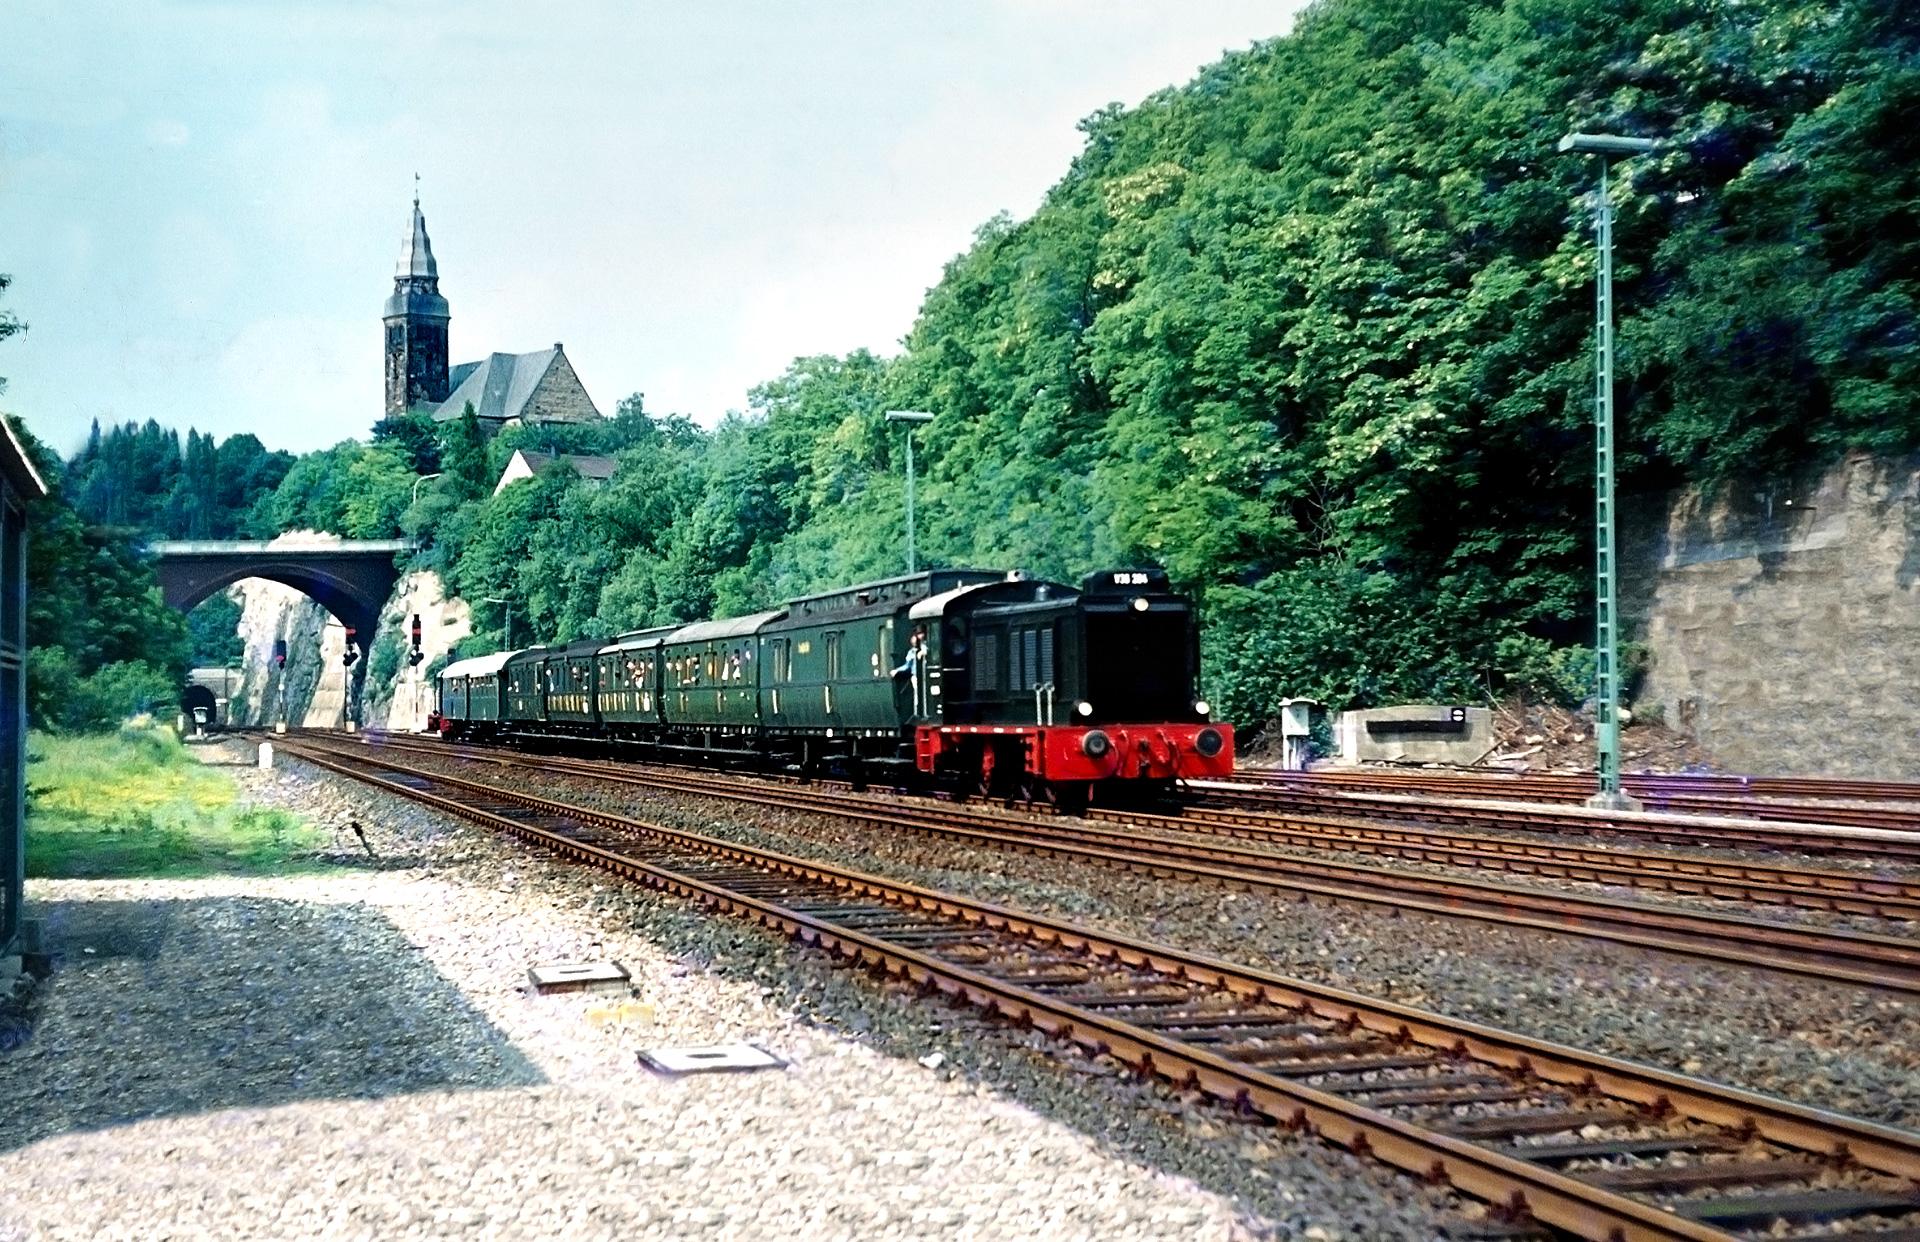 v36 204 wuppertal rauental eisenbahnfotograf